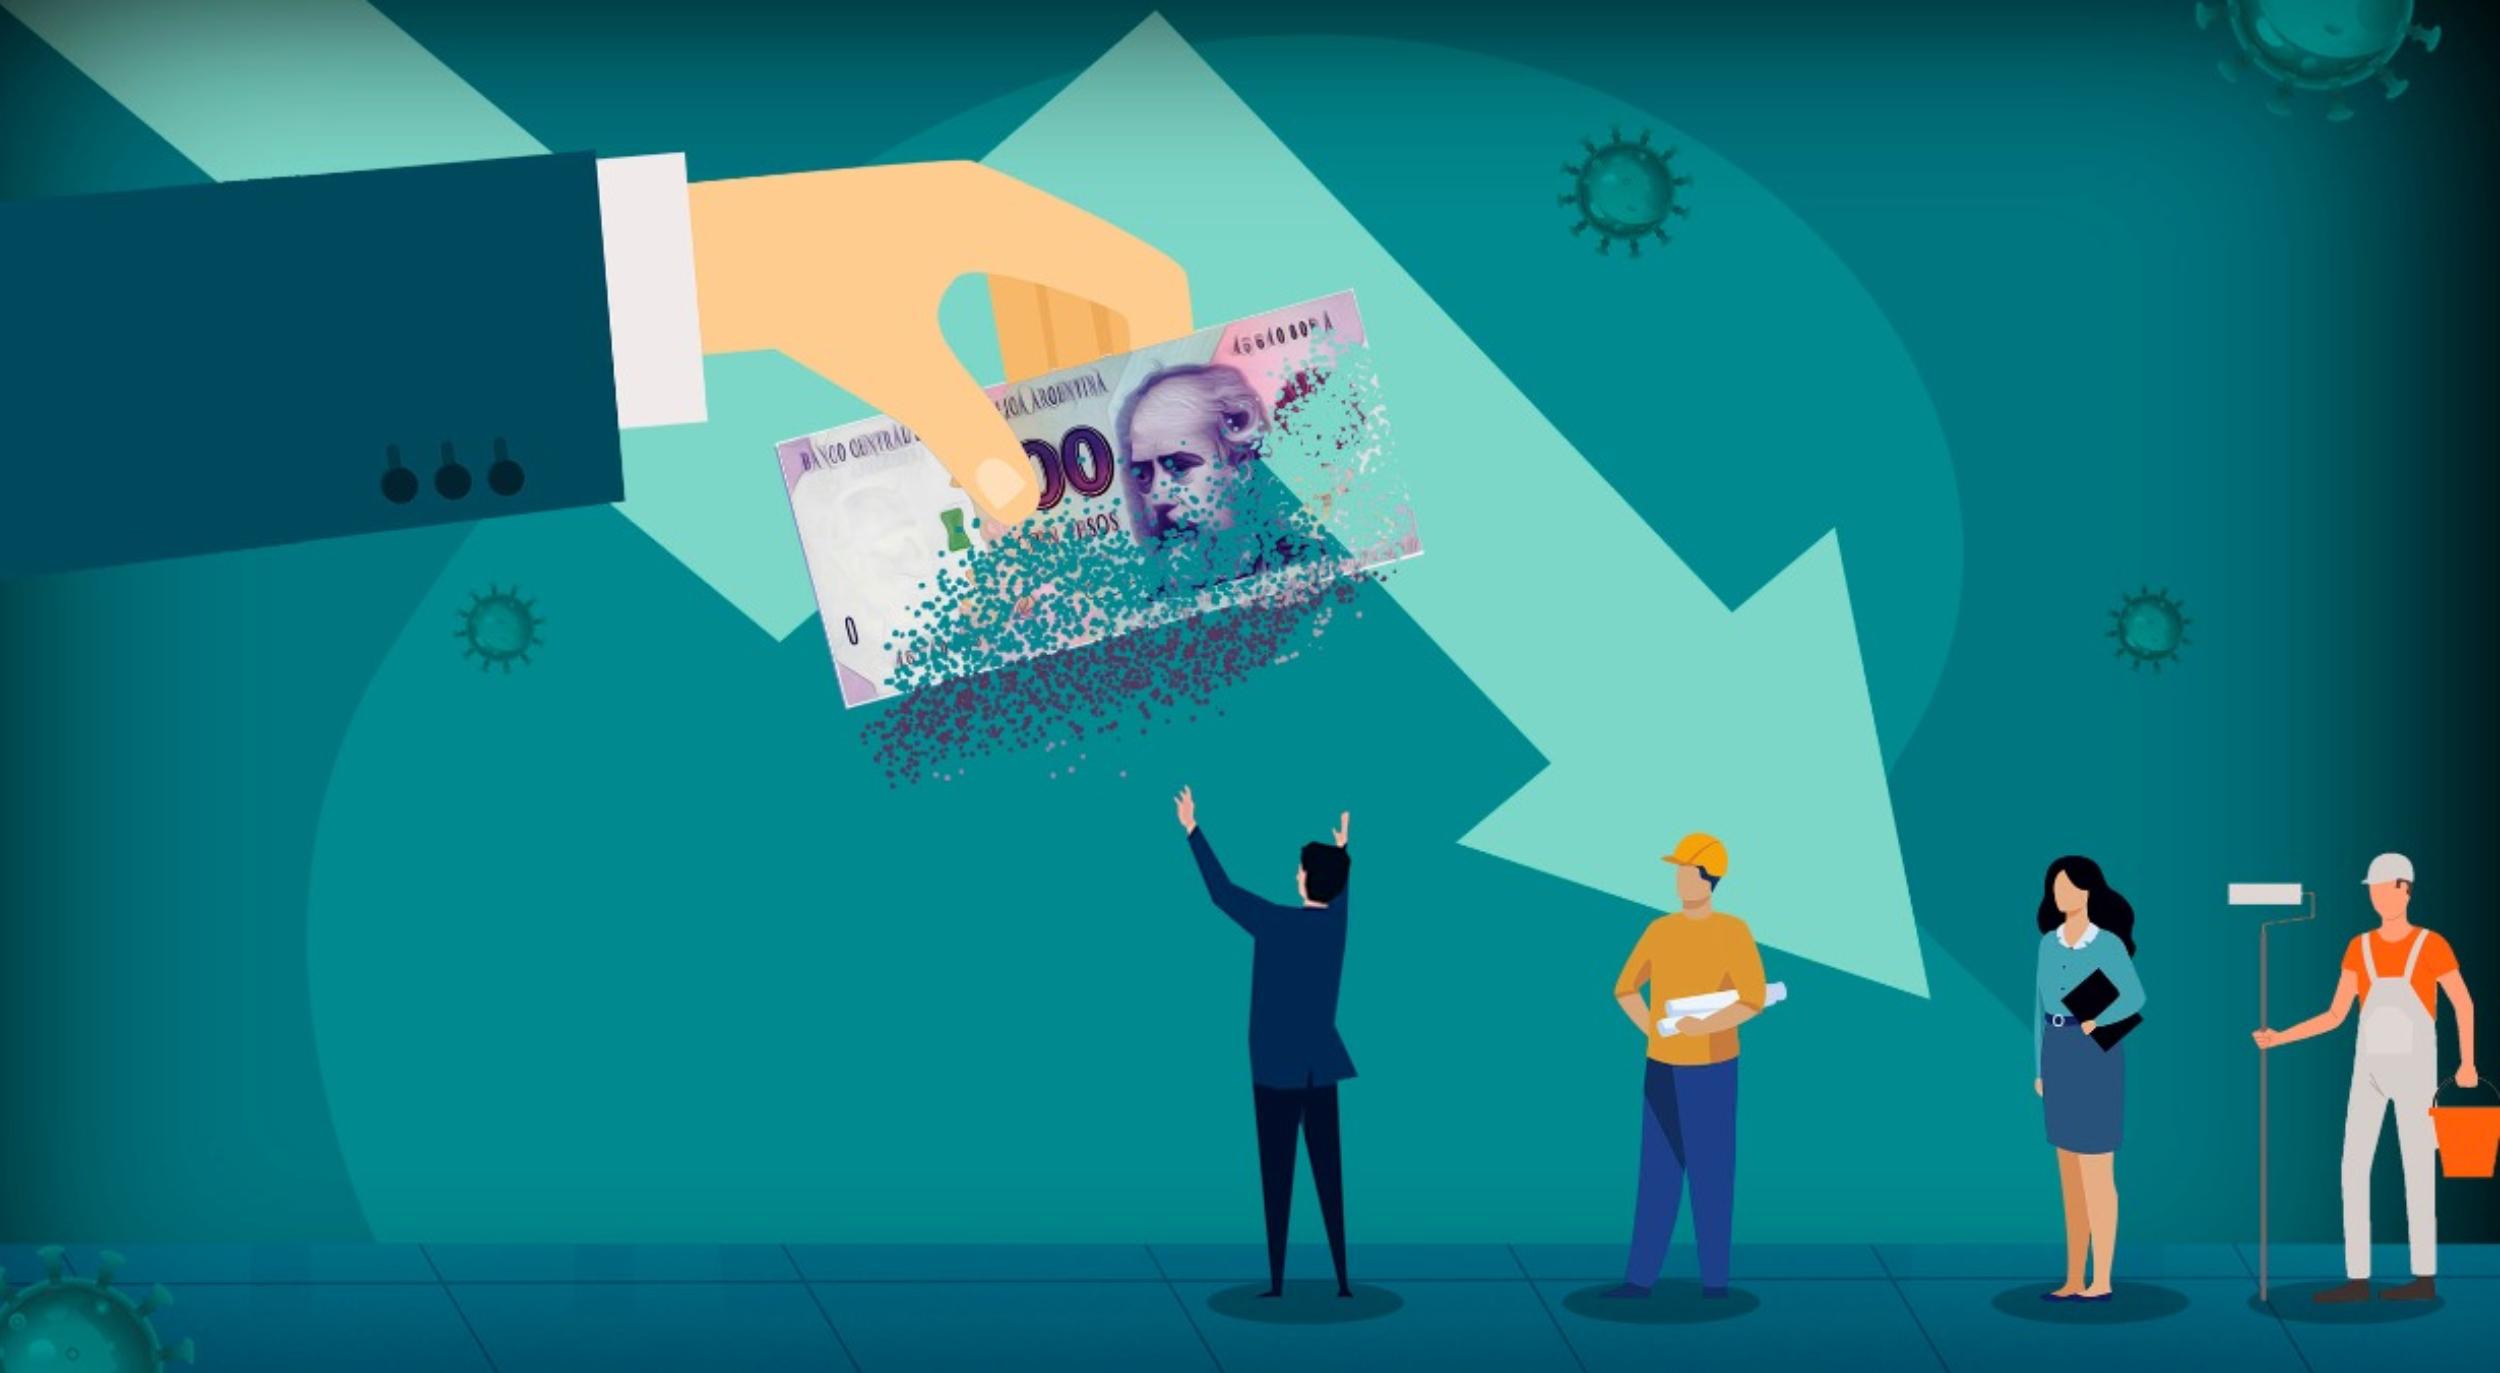 salarios:-el-80%-de-la-fuerza-laboral-del-gran-cordoba-gana-menos-de-$-40-mil